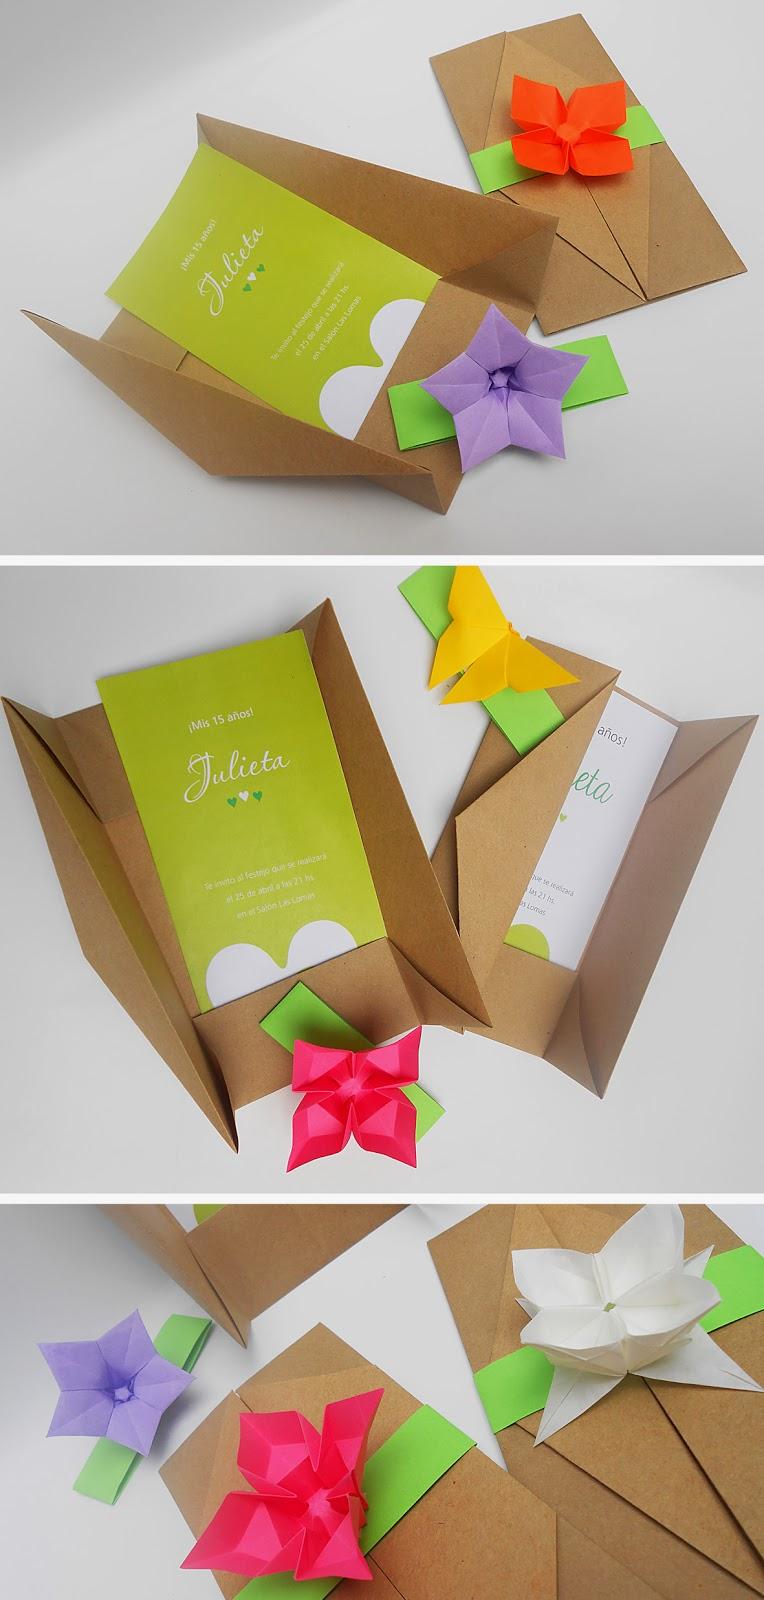 Mas origami sobres en origami 2 - Origami para todos ...